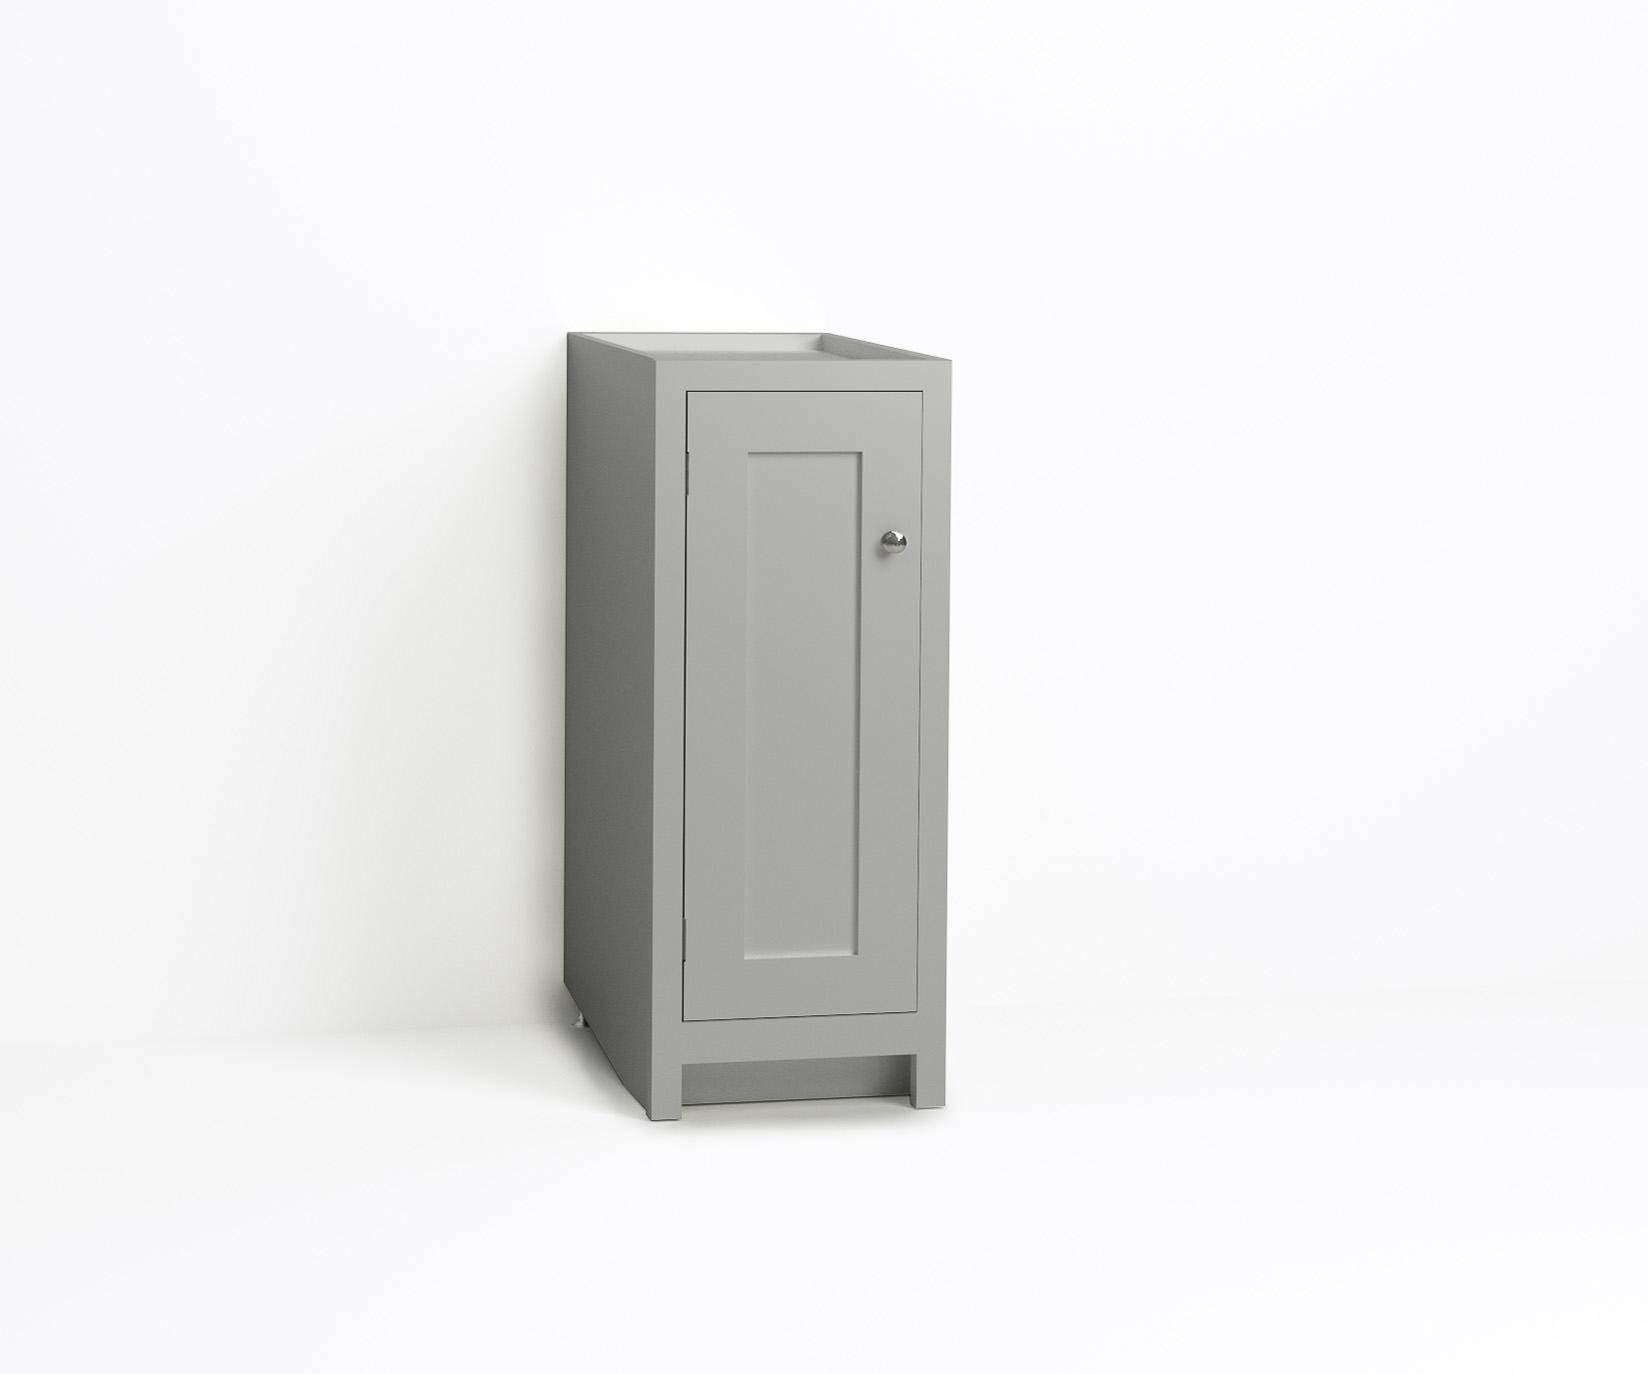 Shaker kitchen brochure devol kitchens - 370mm Base Cabinet